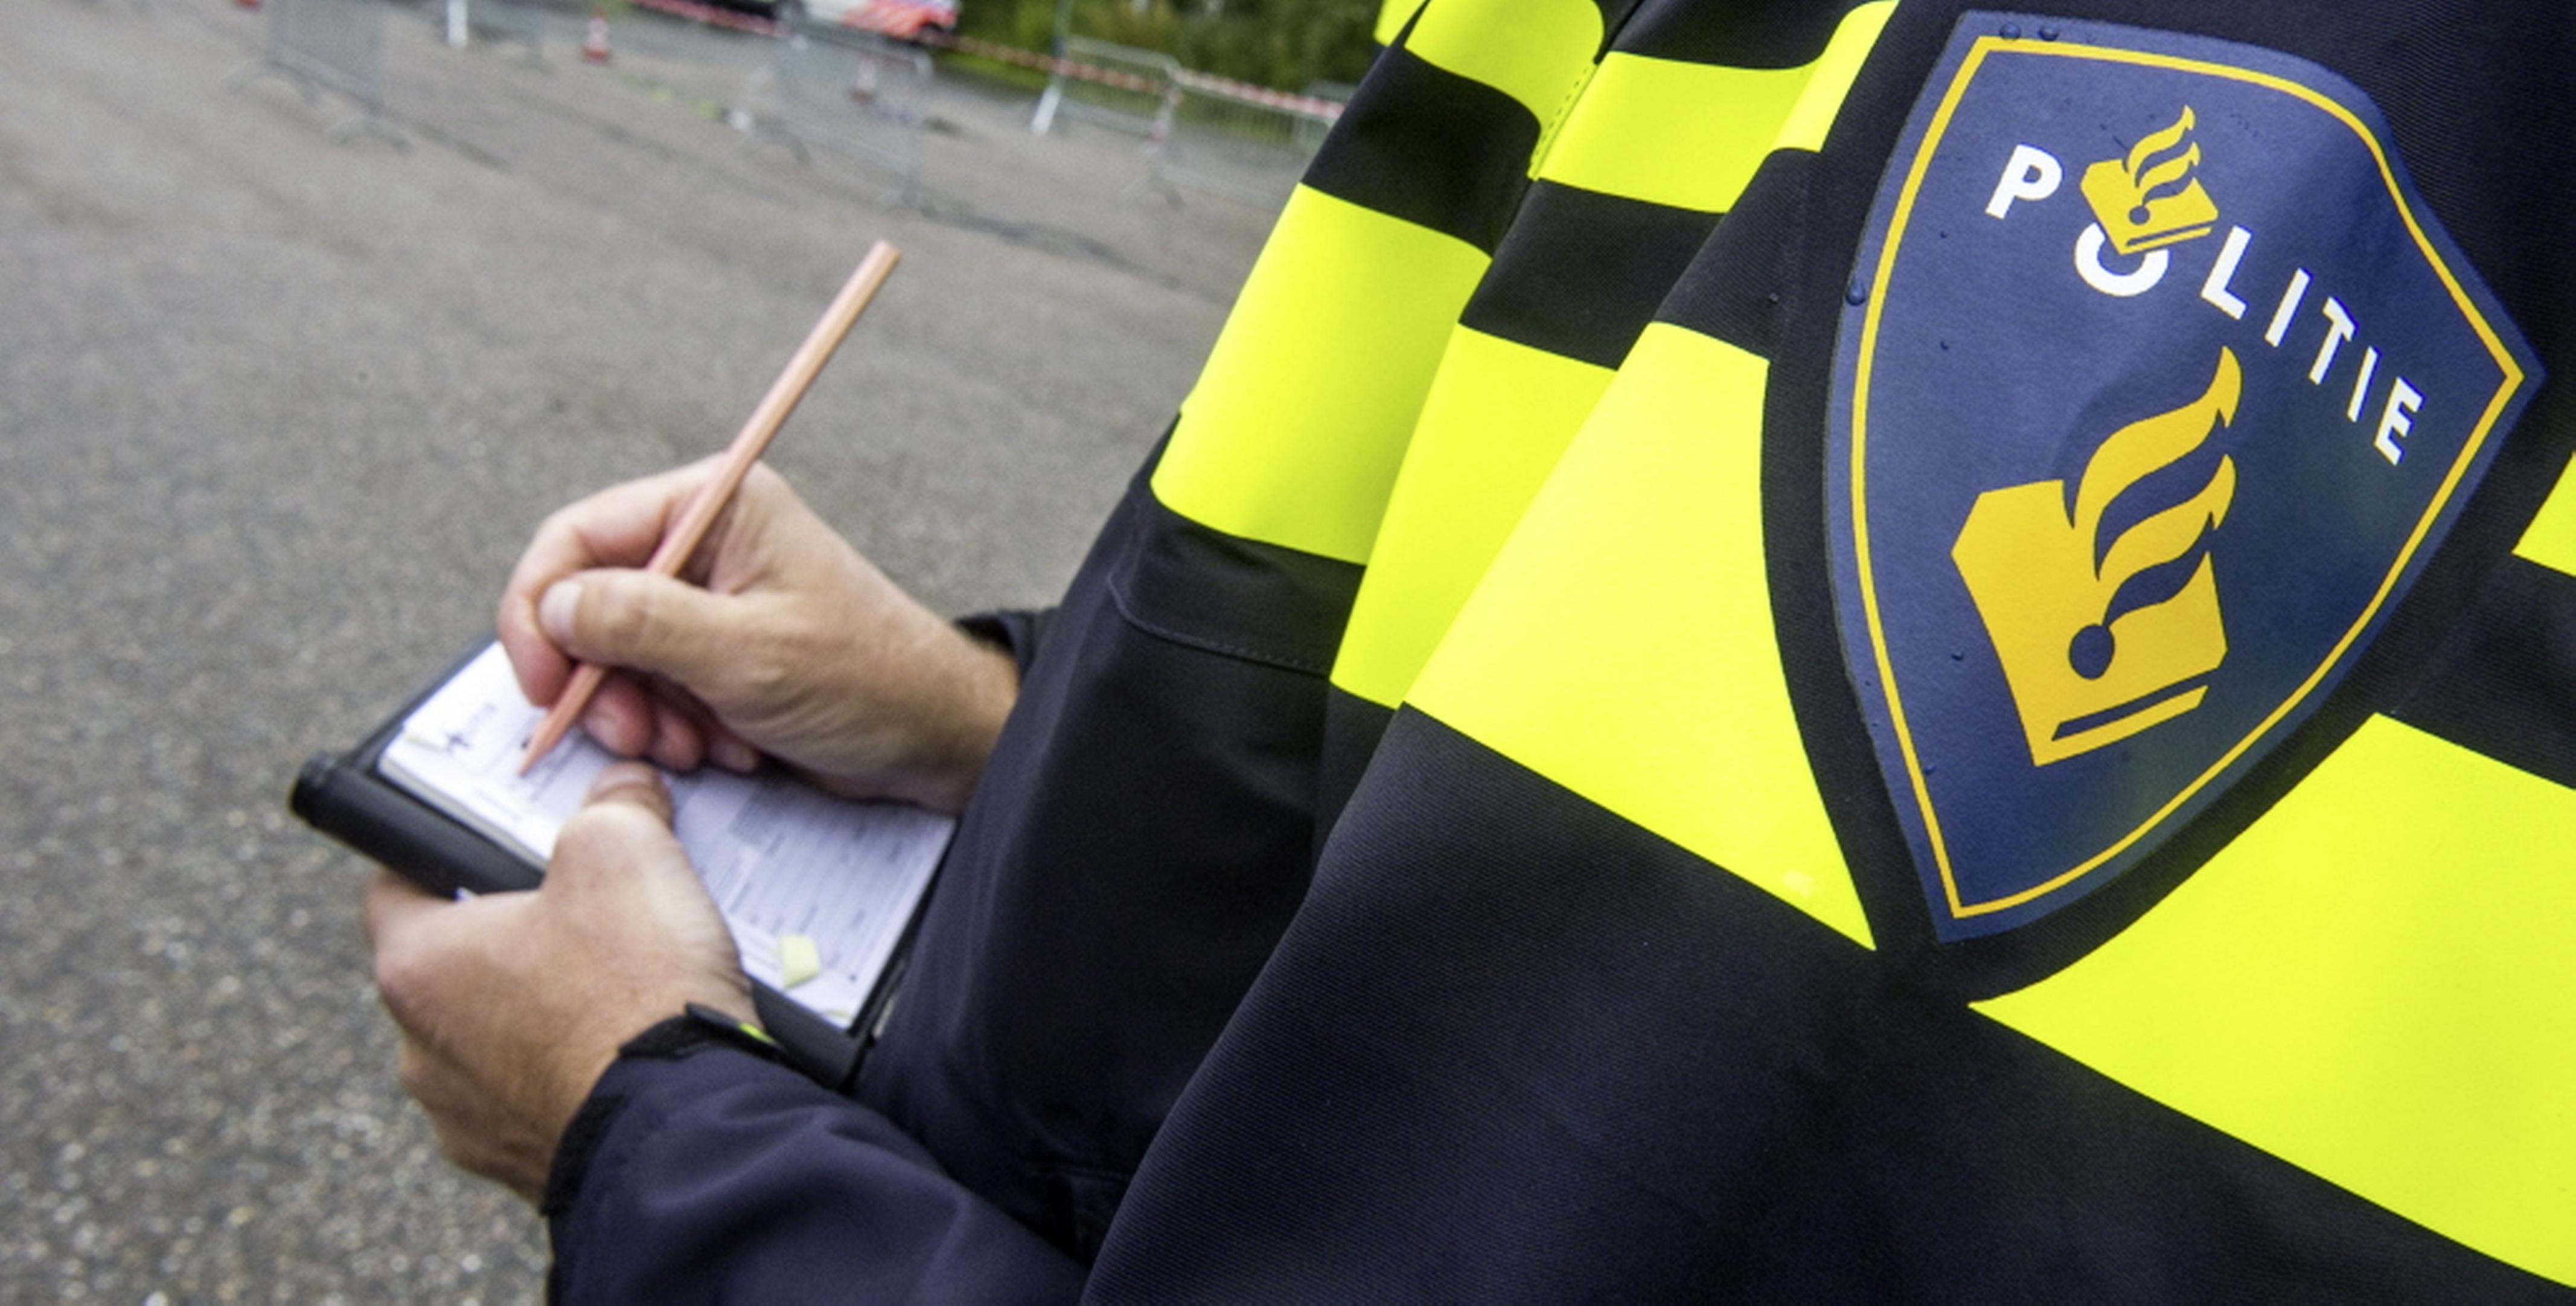 Meer dan 105.000 euro aan avondklokboetes in de regio Alkmaar: in totaal 1771 coronaprenten en 226 waarschuwingen in een jaar tijd [interactieve kaart]